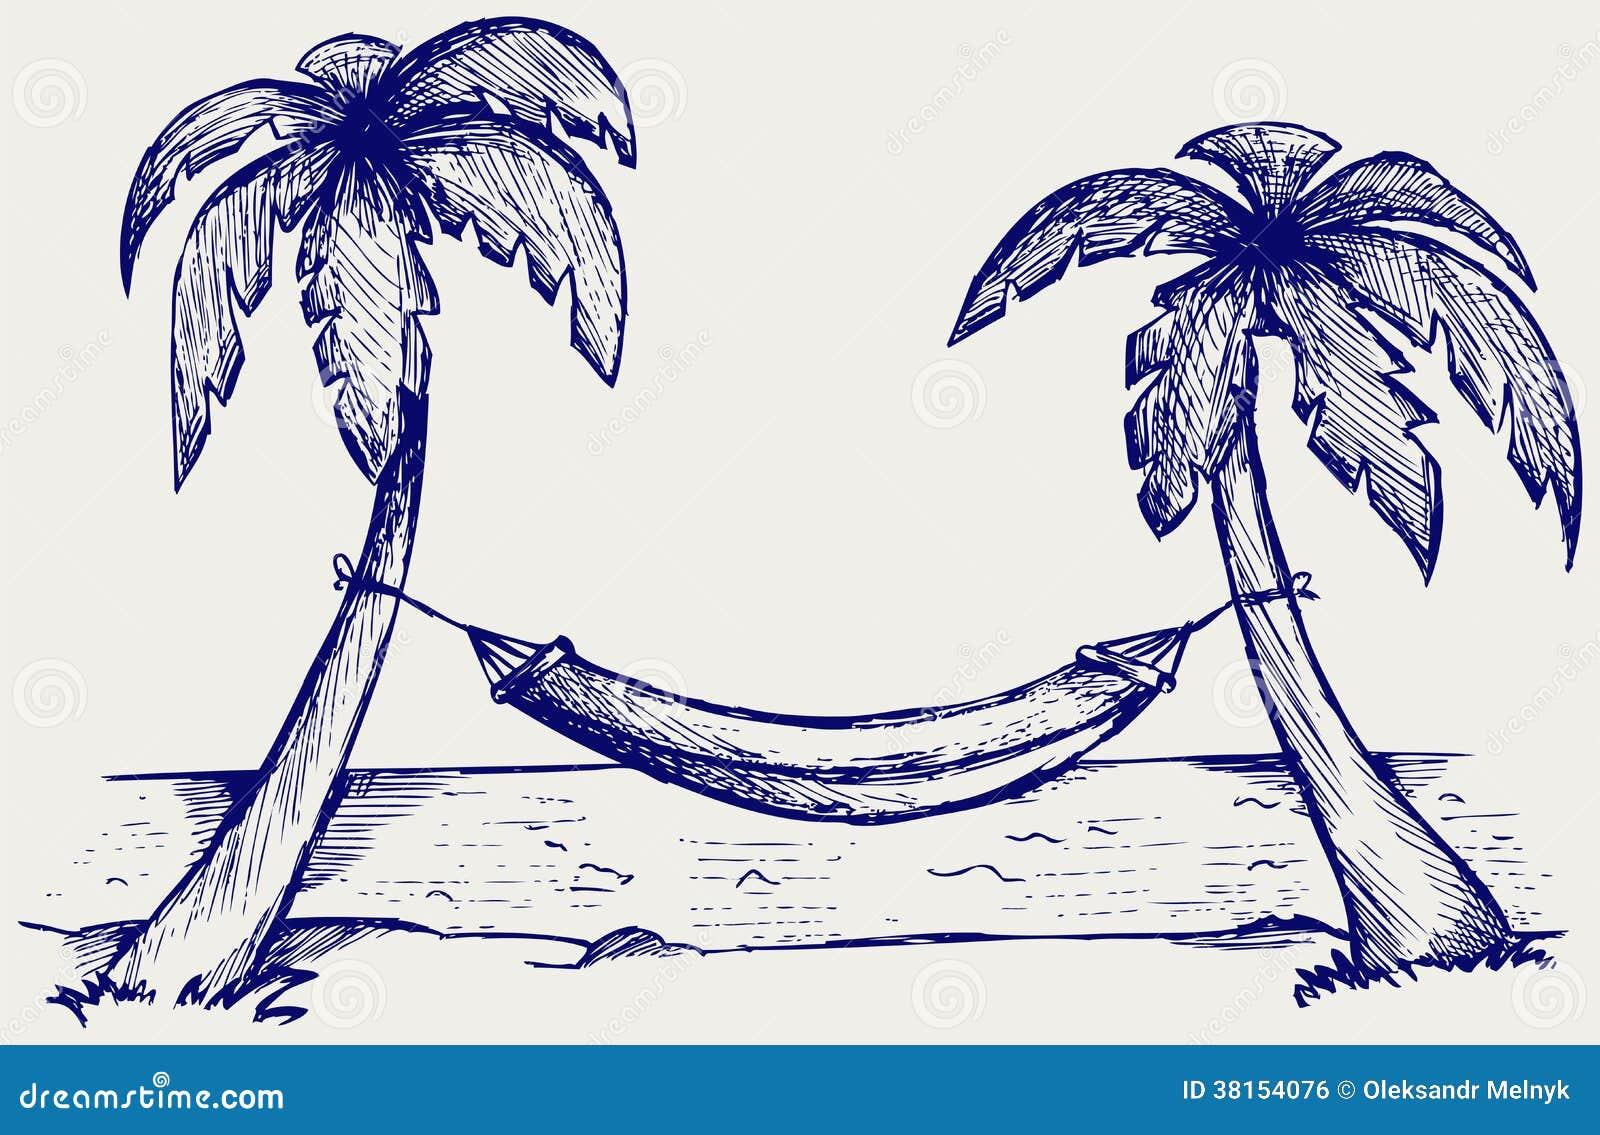 Romantische hangmat tussen palmen